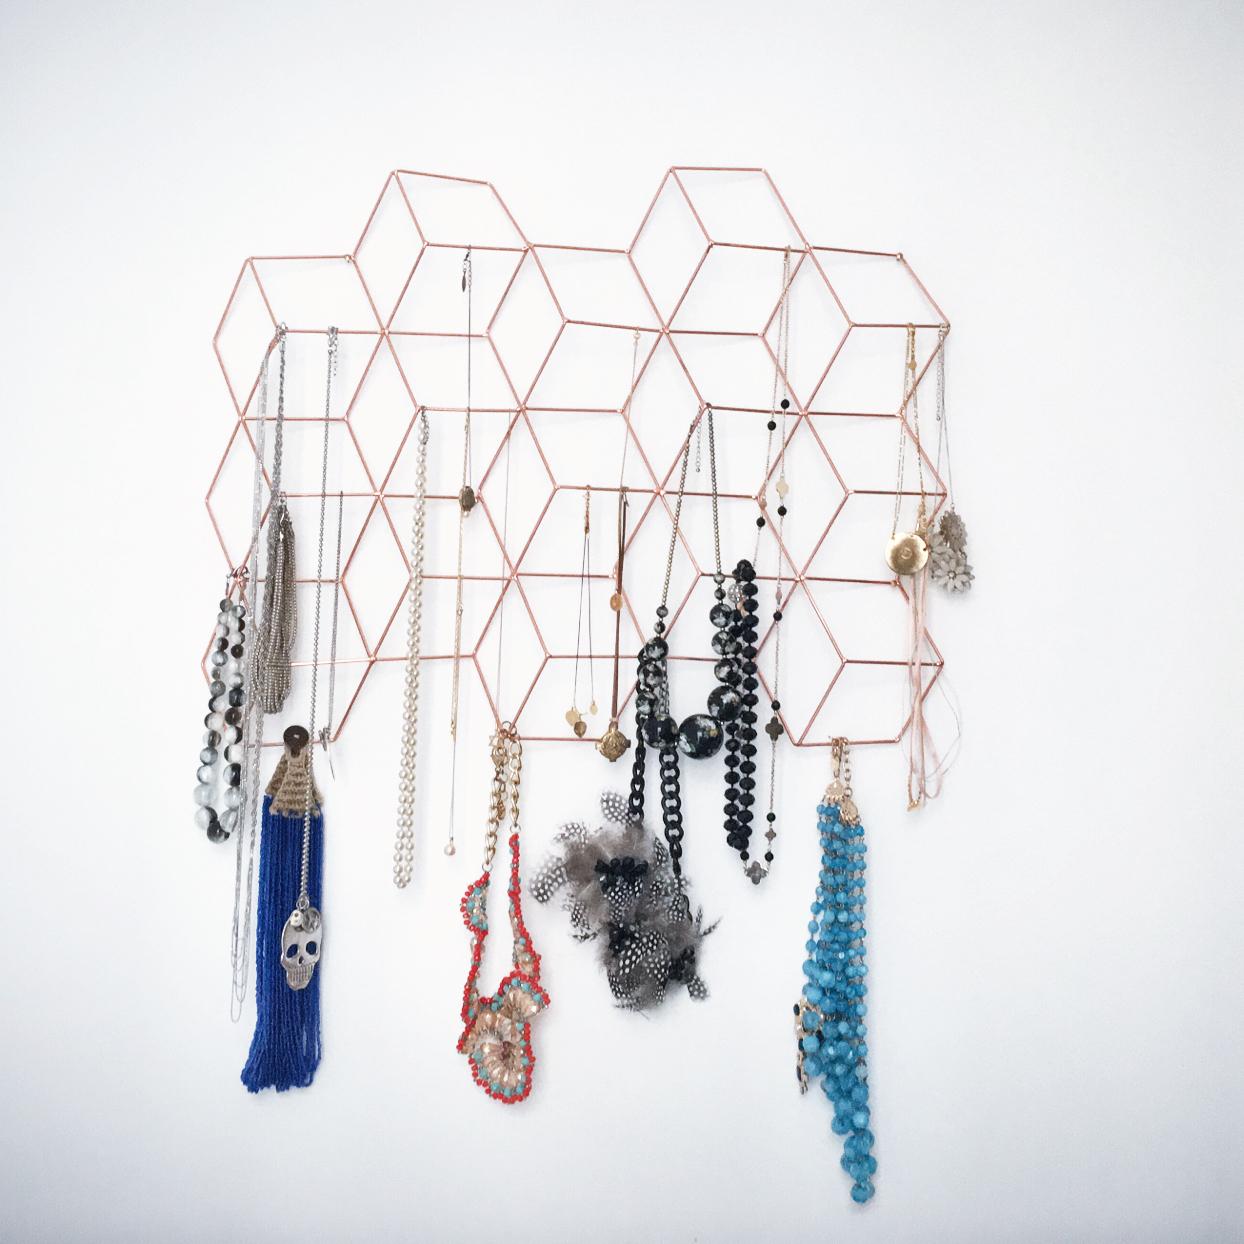 comment ranger ses colliers ? le cadre photo détourné - the célinette